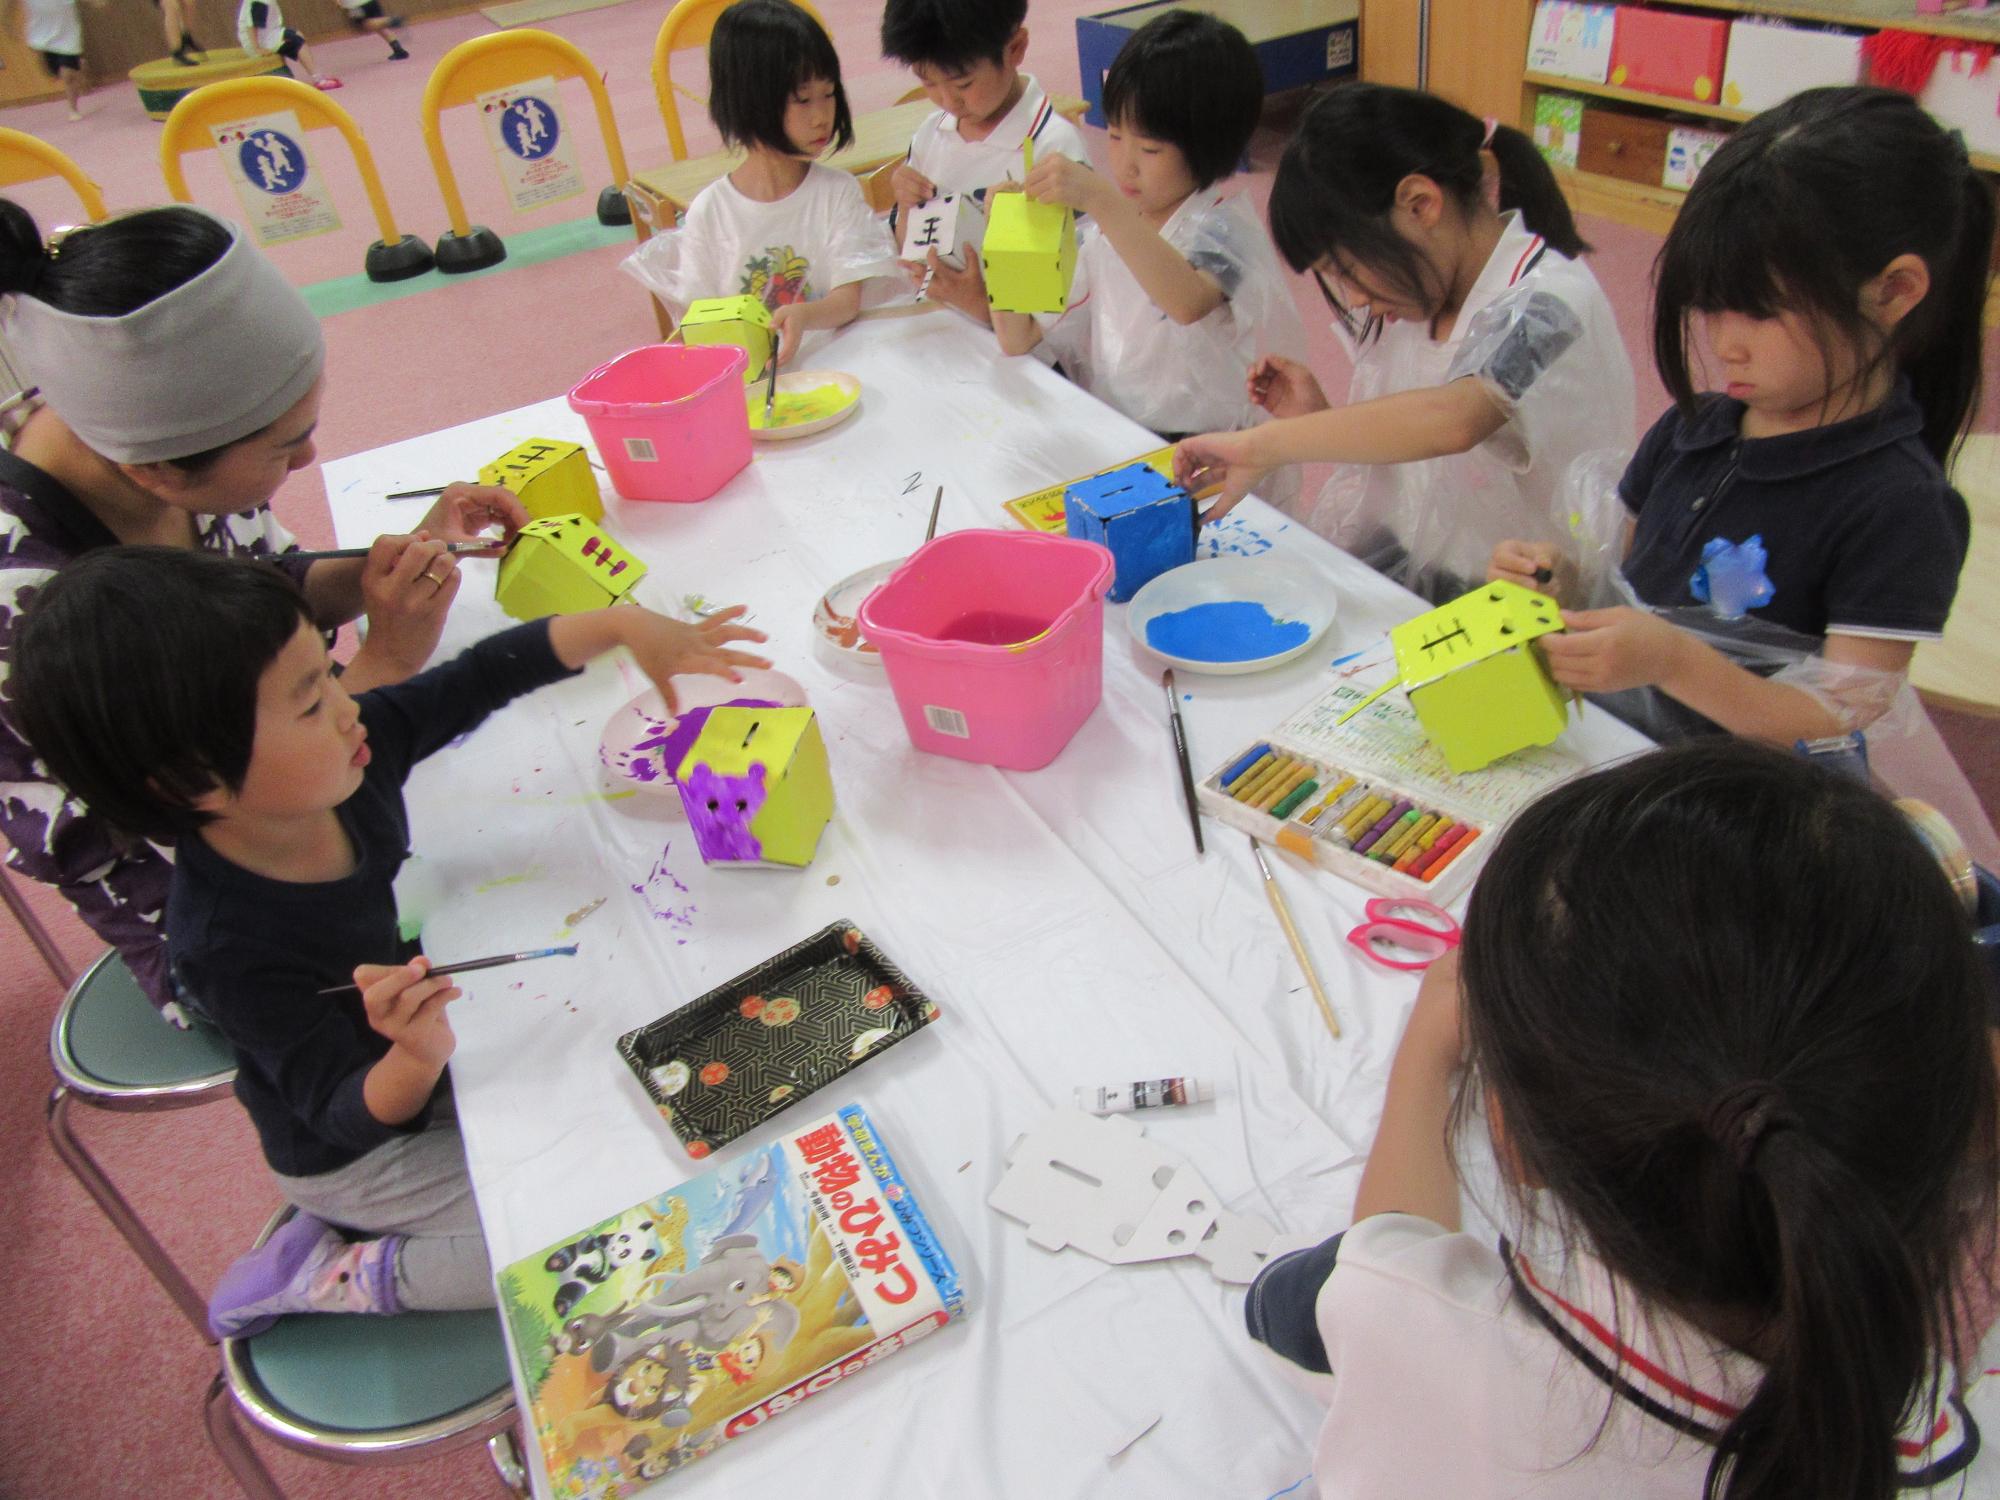 神戸市立六甲道児童館「最近の学童さん・貯金箱作りとお誕生日会」